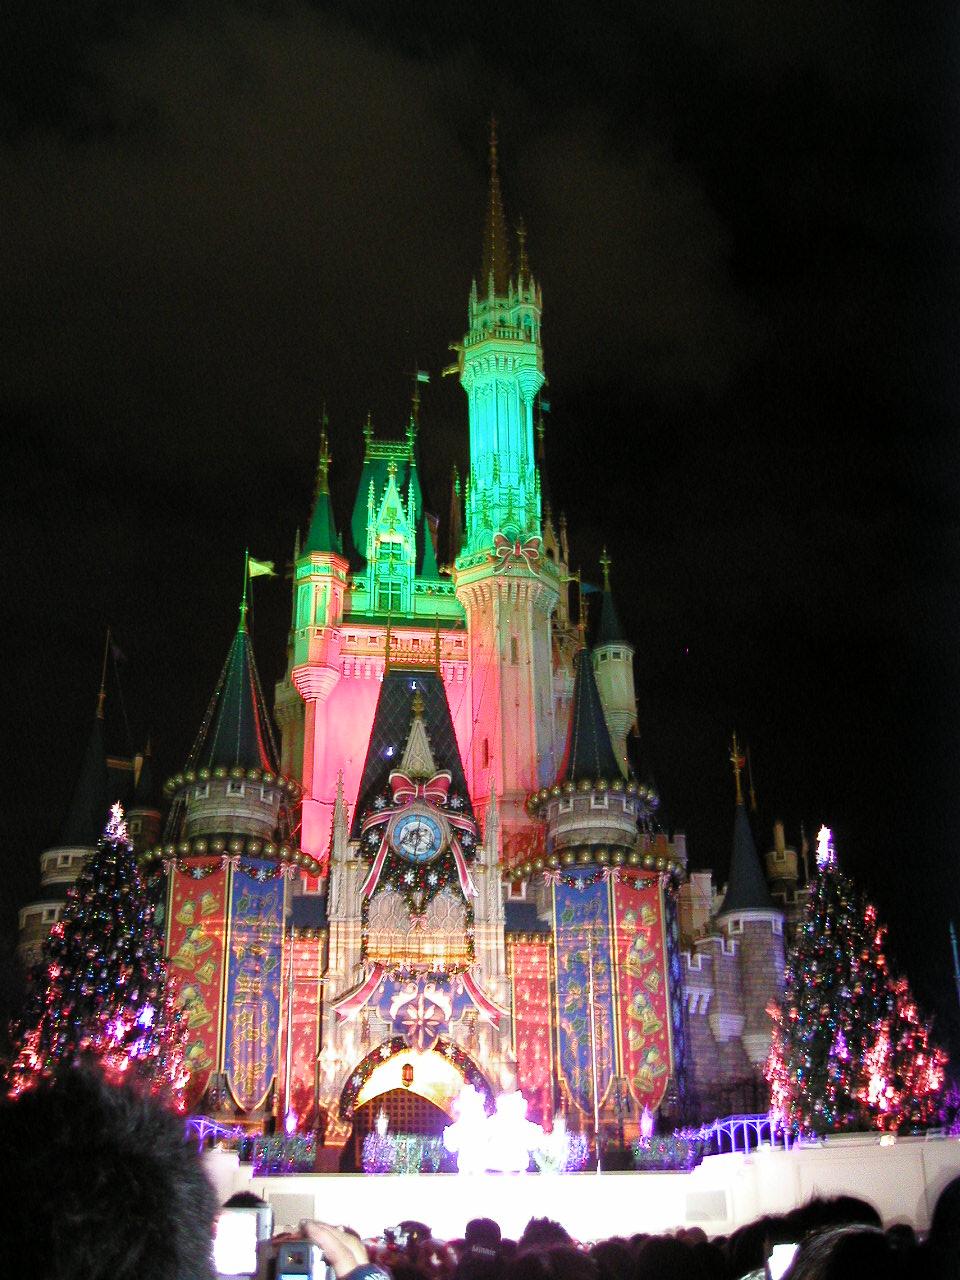 東京ディズニーリゾート@tdl(クリスマス)』東京ディズニーリゾート